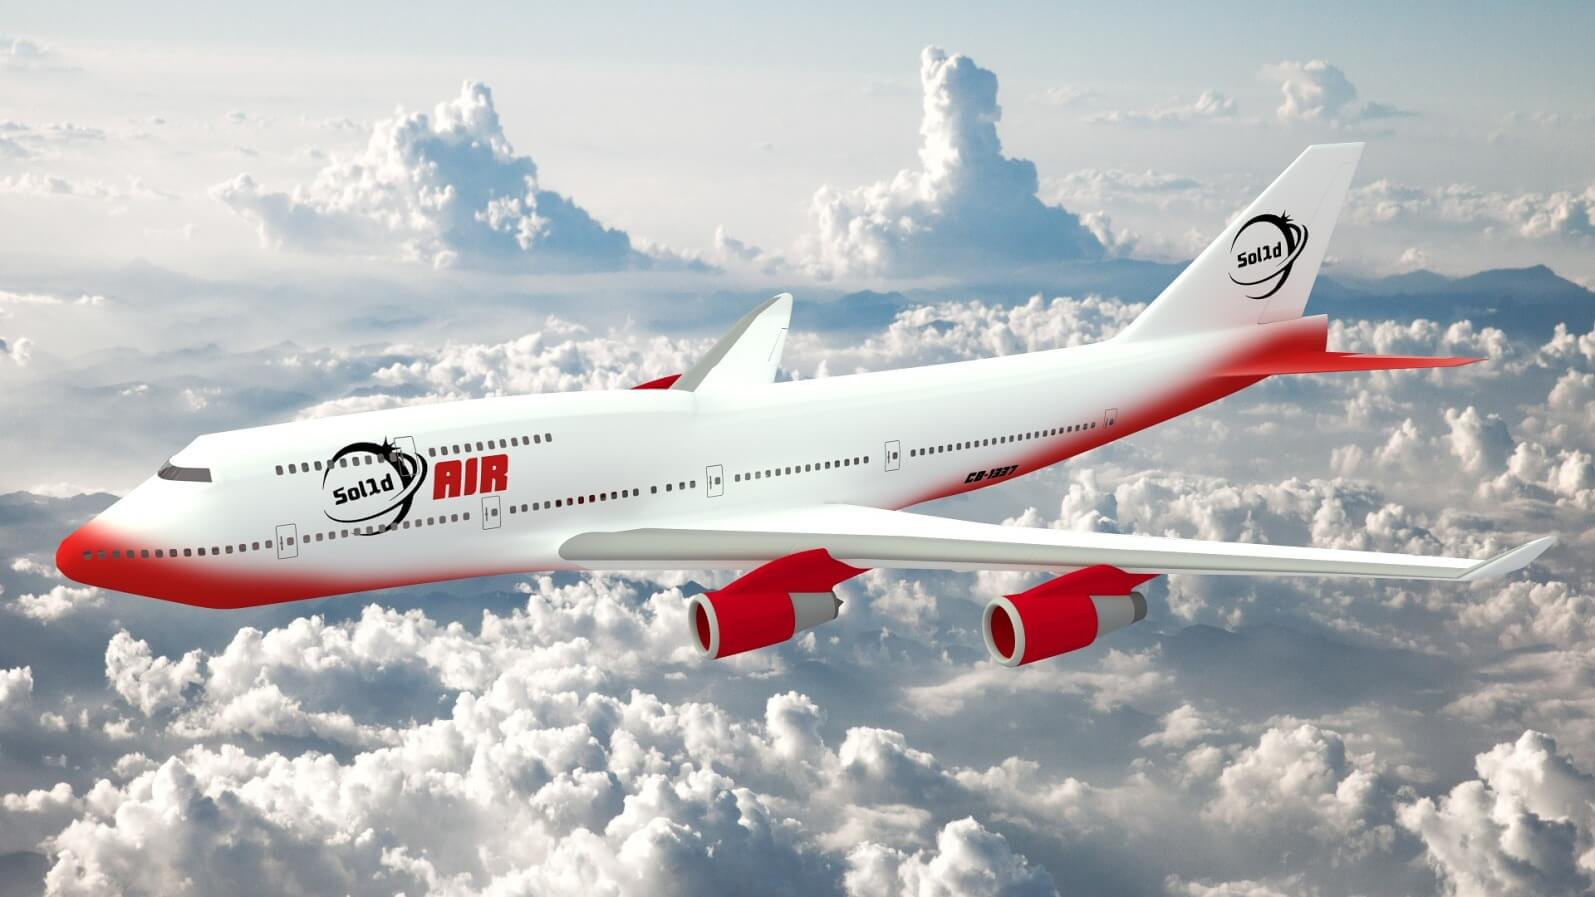 Airplane - Original image